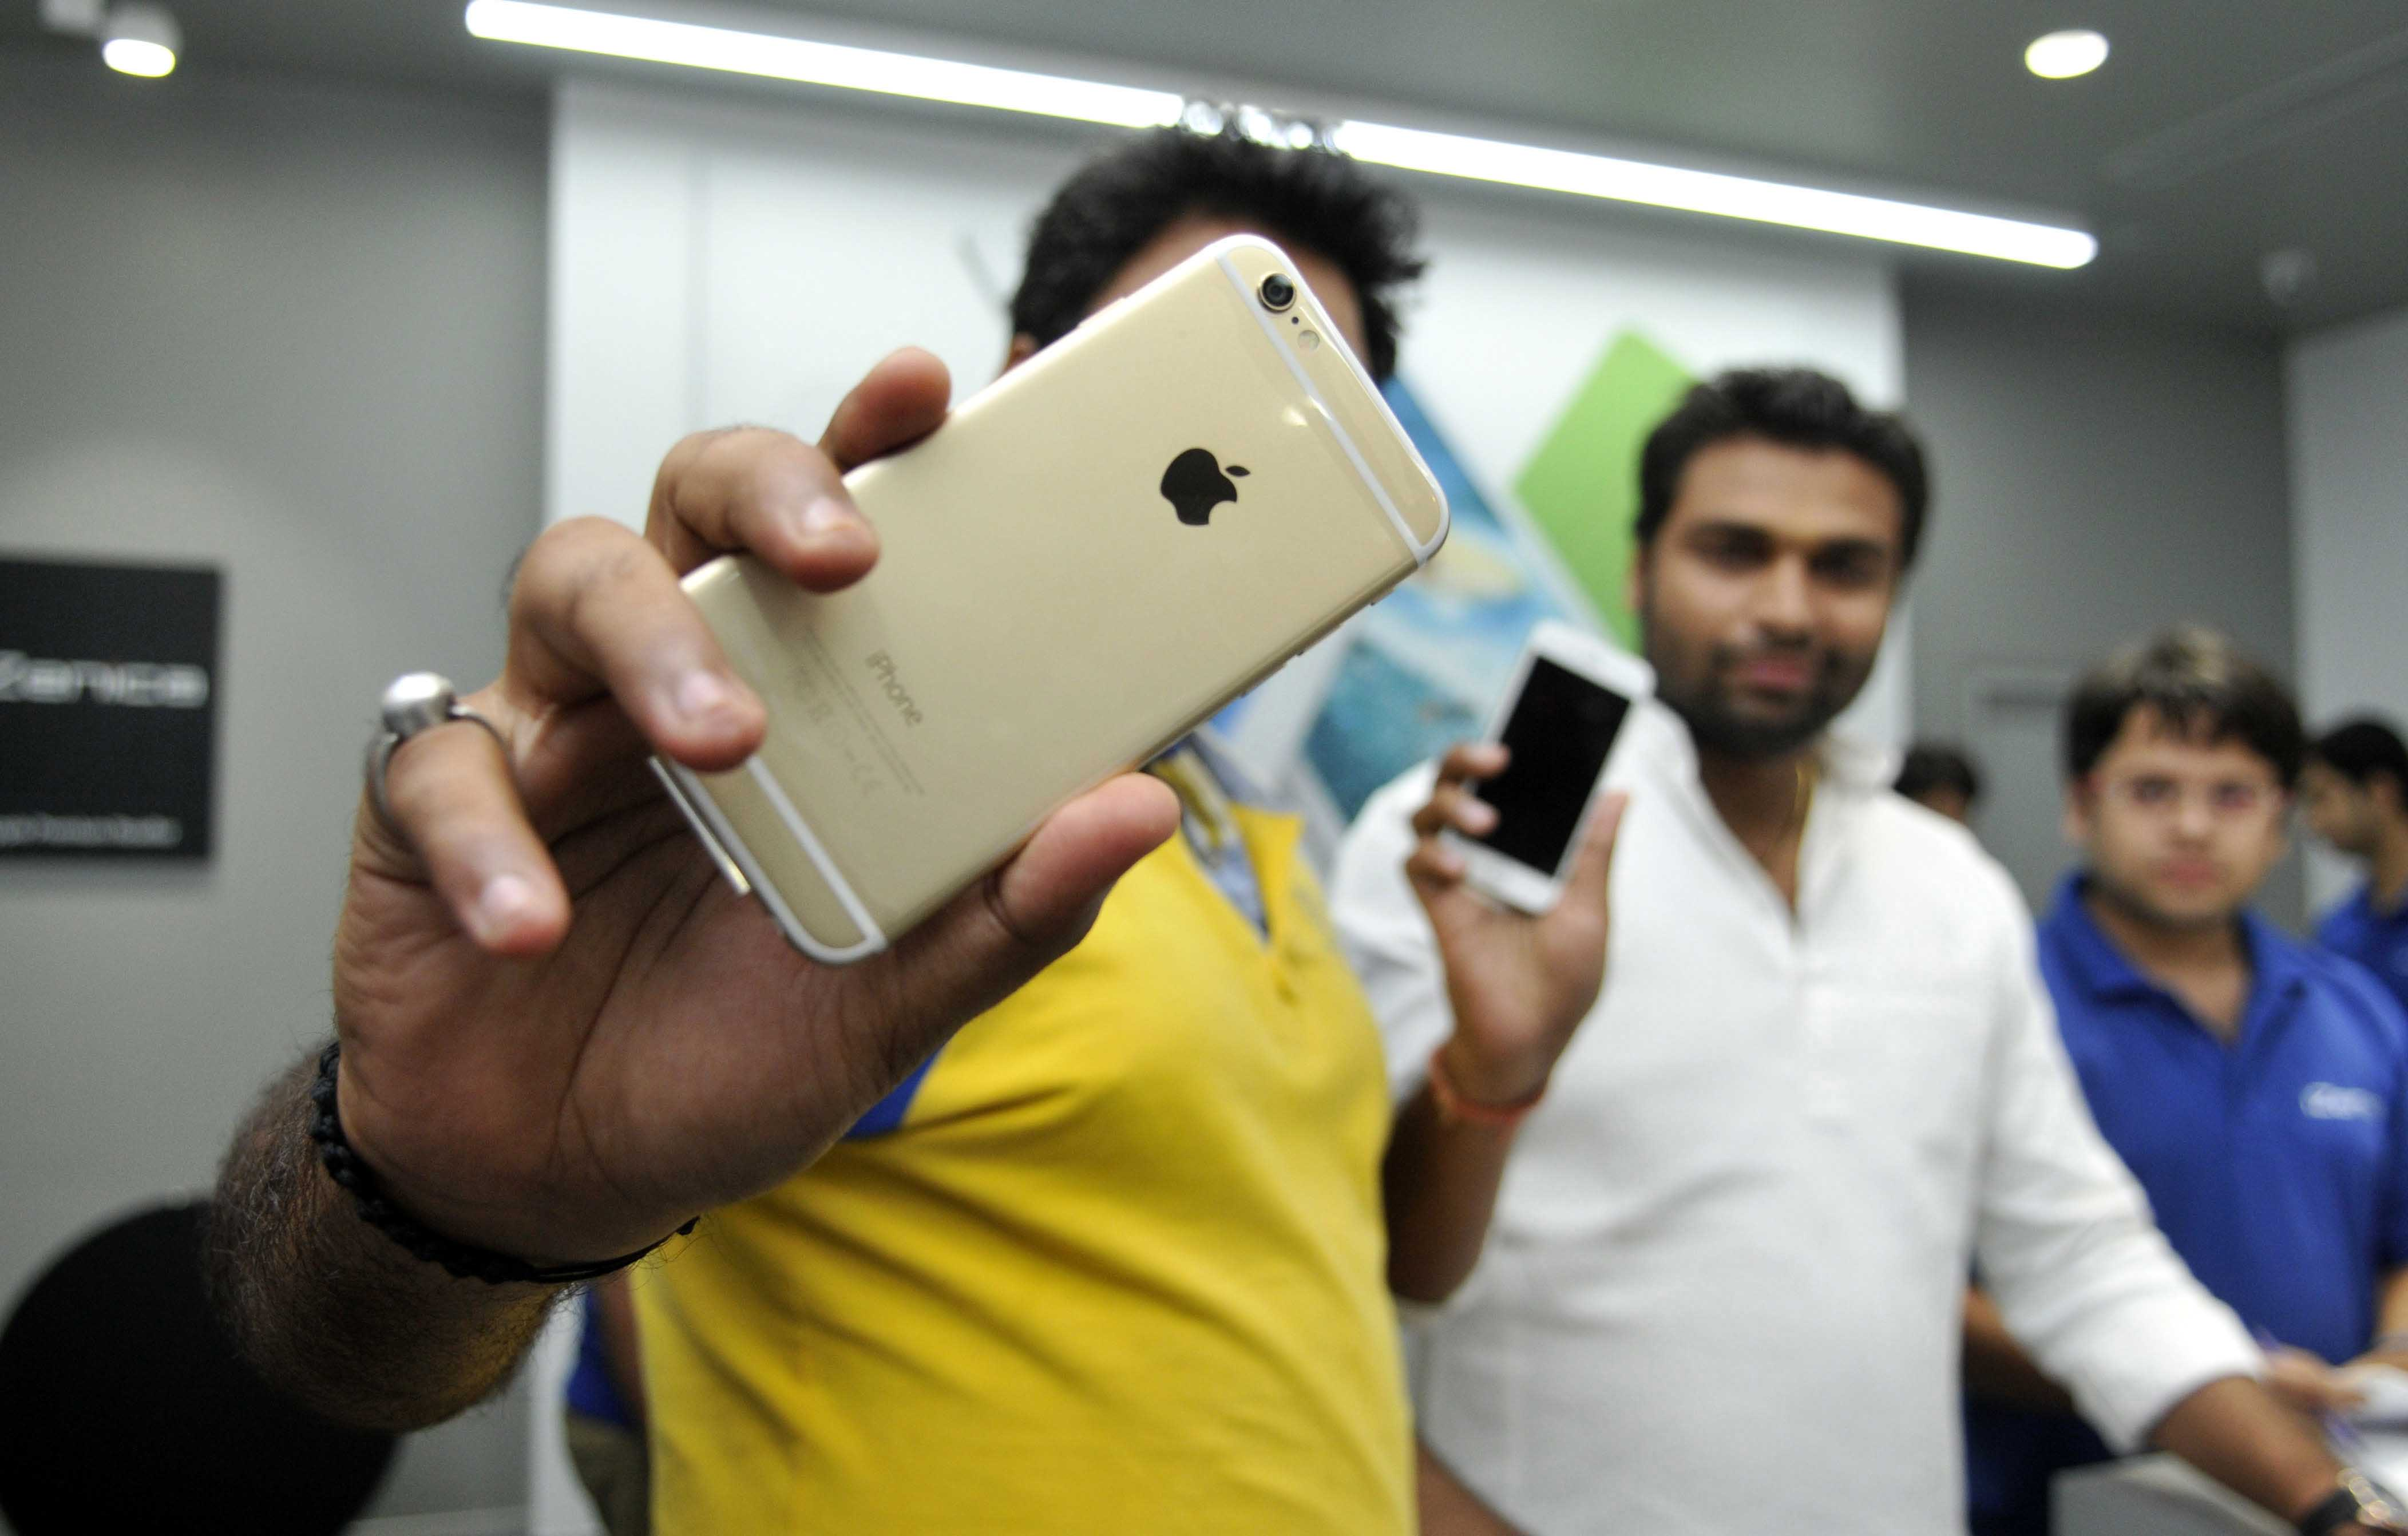 В Индии открыли завод по производству iPhone 6S Plus: какой нам с этого толк?